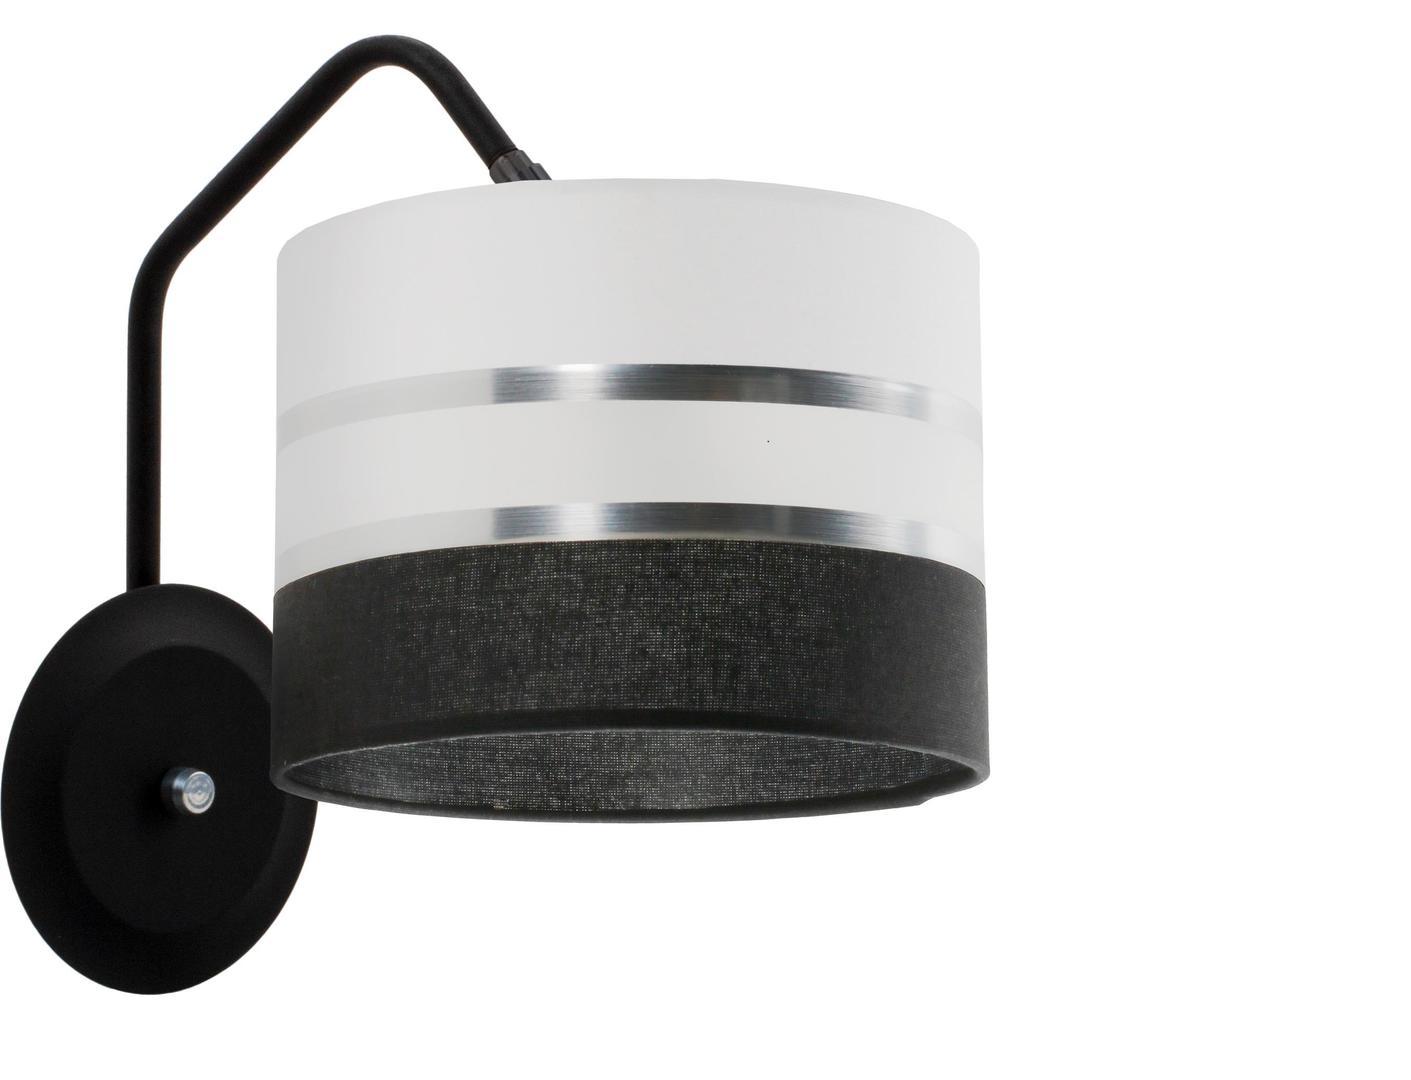 Moderní nástěnná lampa od Ramiry